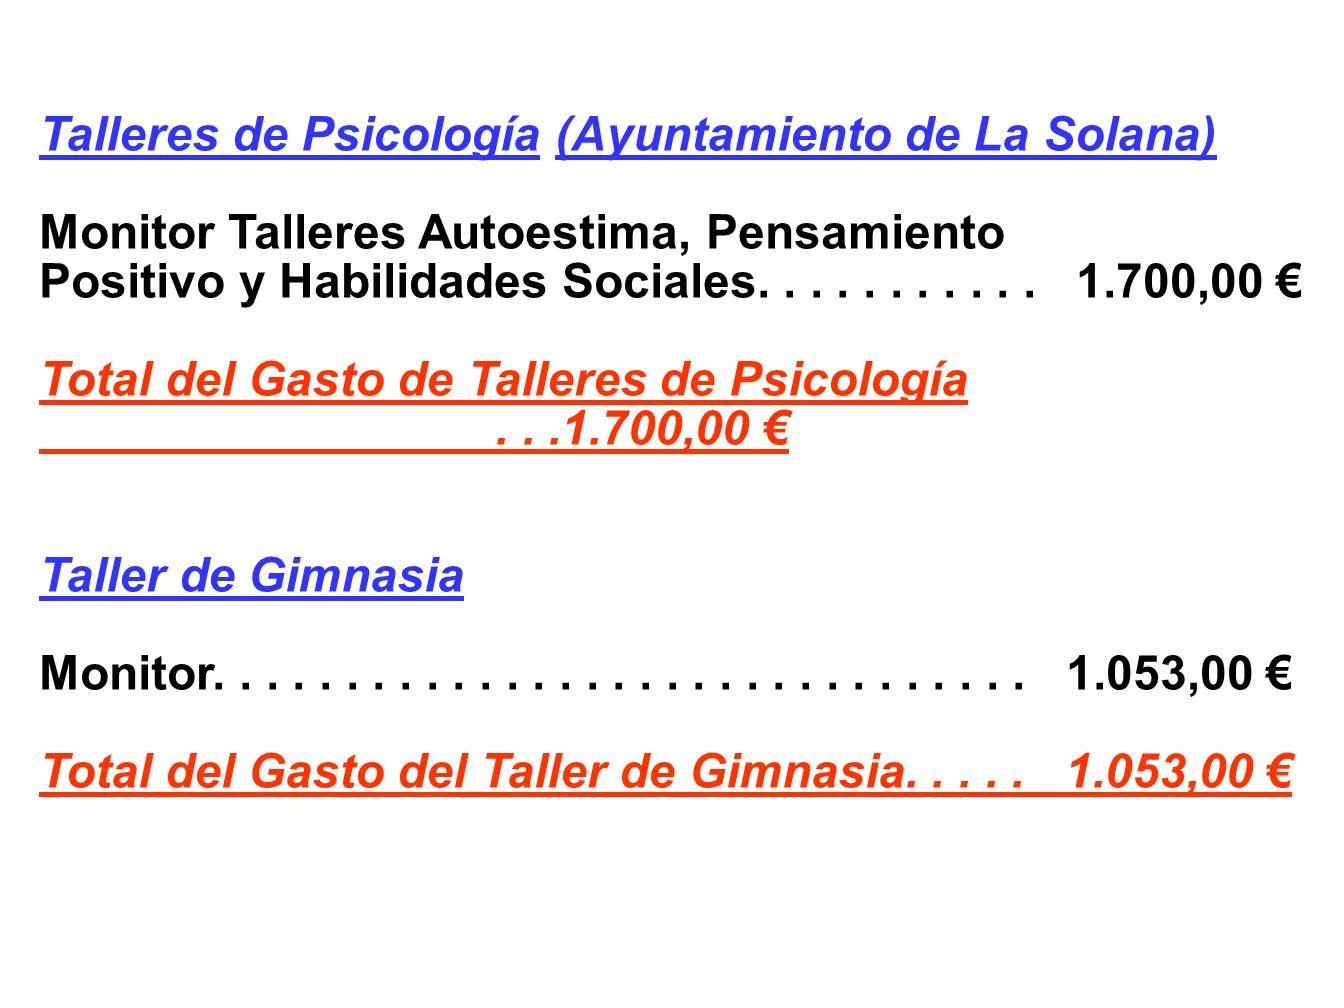 Talleres de Psicología (Ayuntamiento de La Solana)